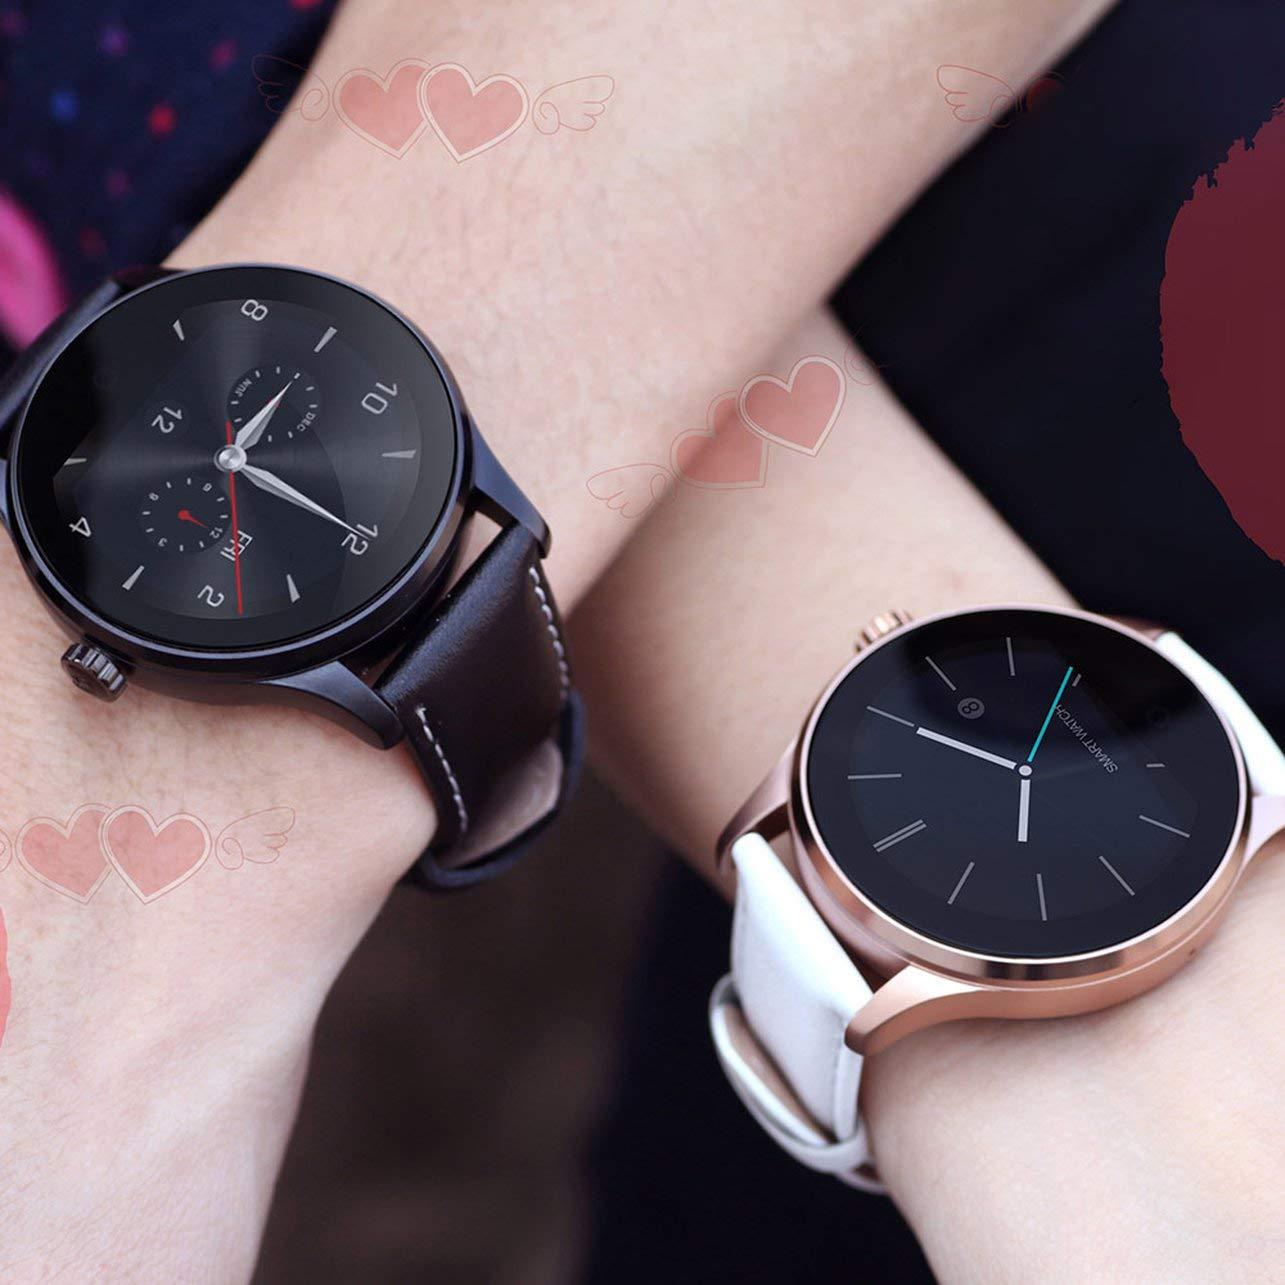 WOSOSYEYO K88H 4.0 Metal Smart Health Reloj clásico SmartWatch ...